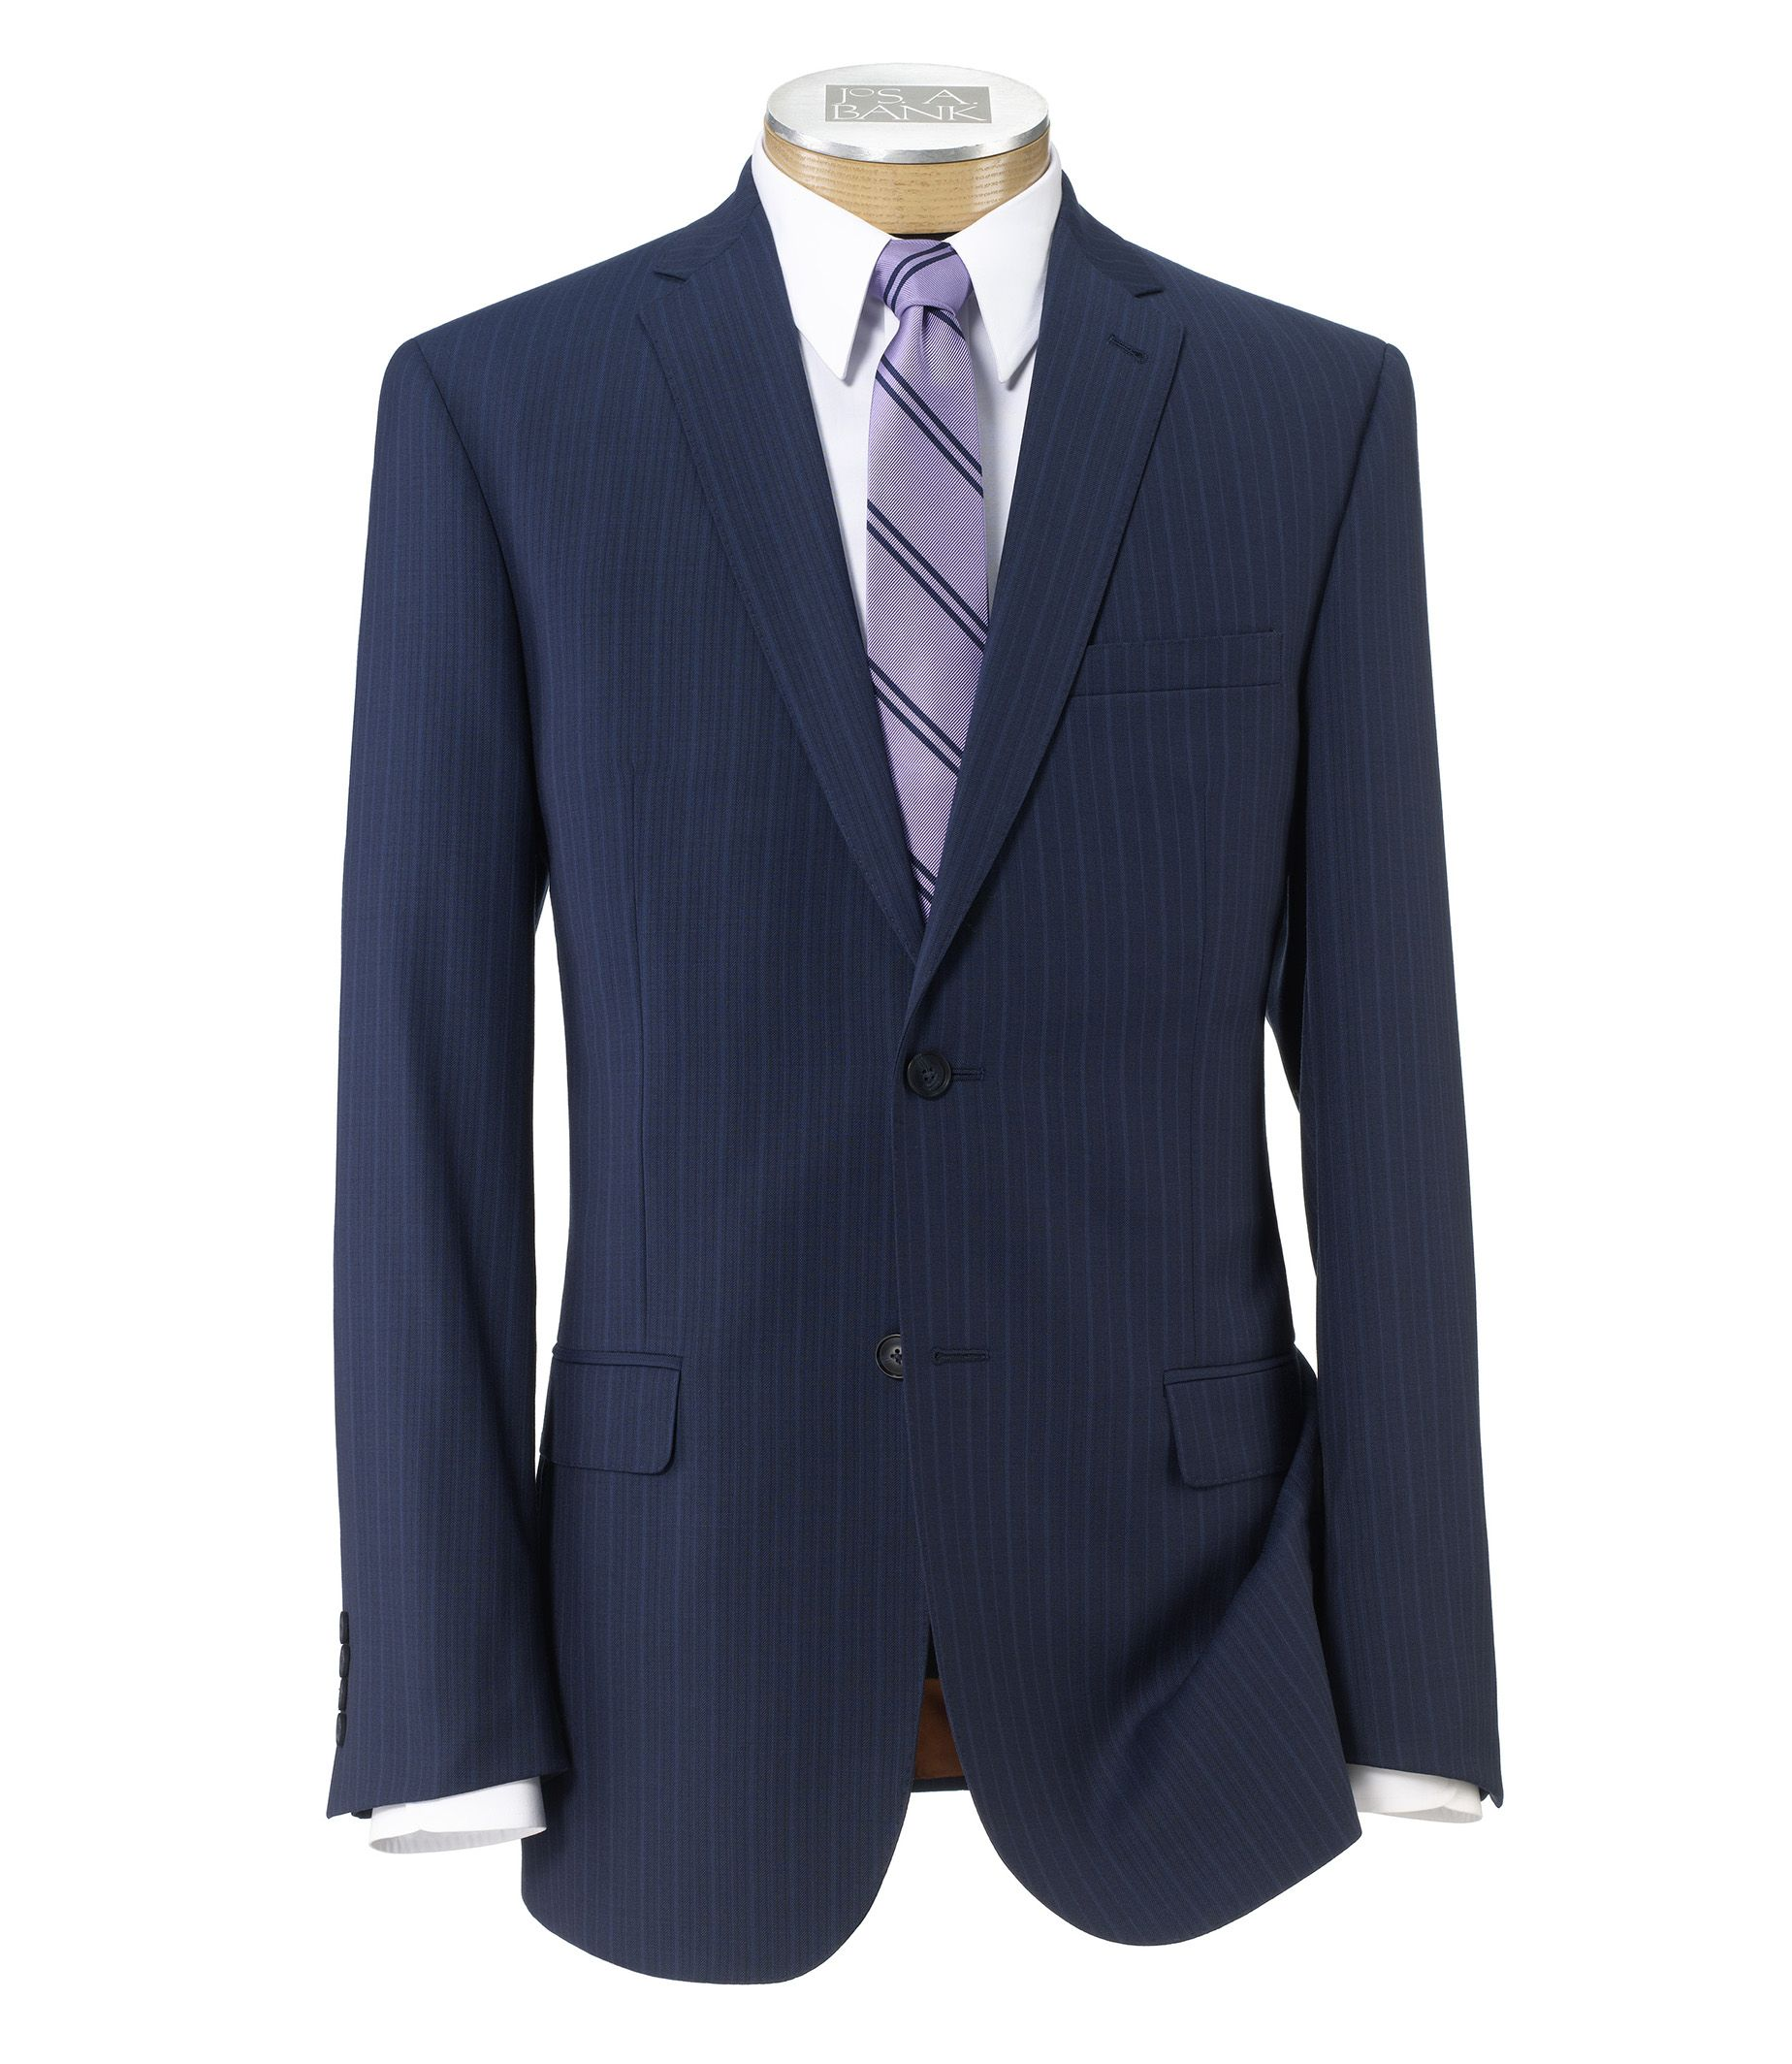 Joseph Slim Fit 2-Button Suits with Plain Front Trousers- Bright Blue Stripe